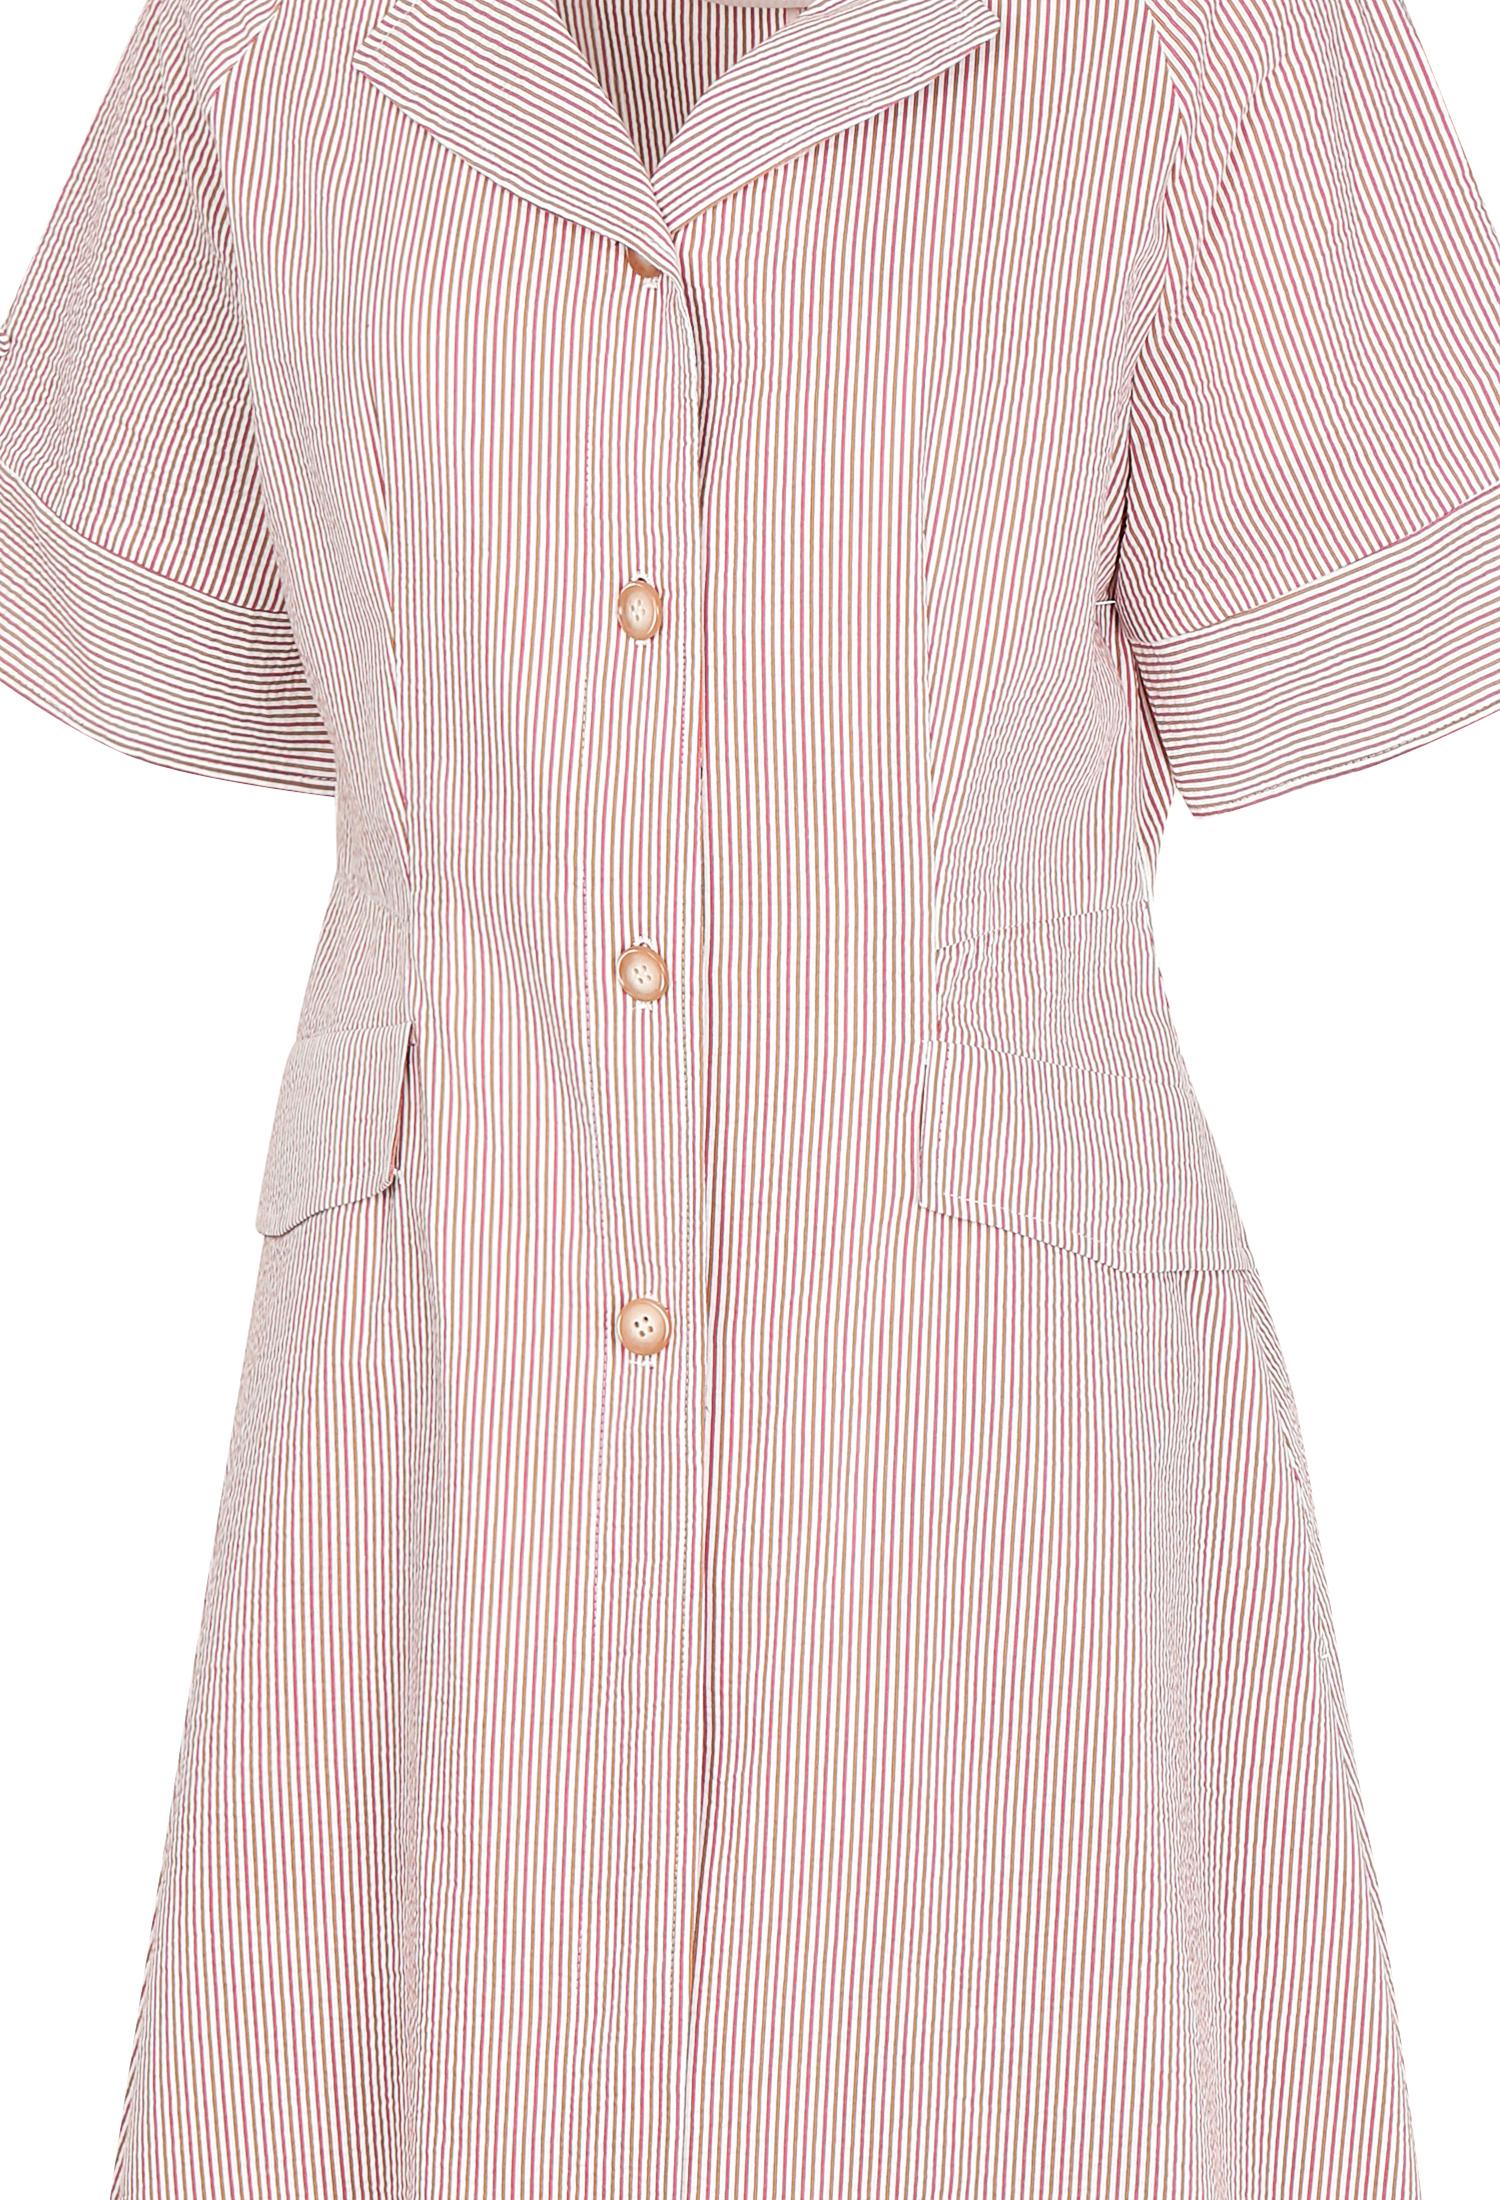 플랩 장식 플레어 셔츠 원피스 (PINK)